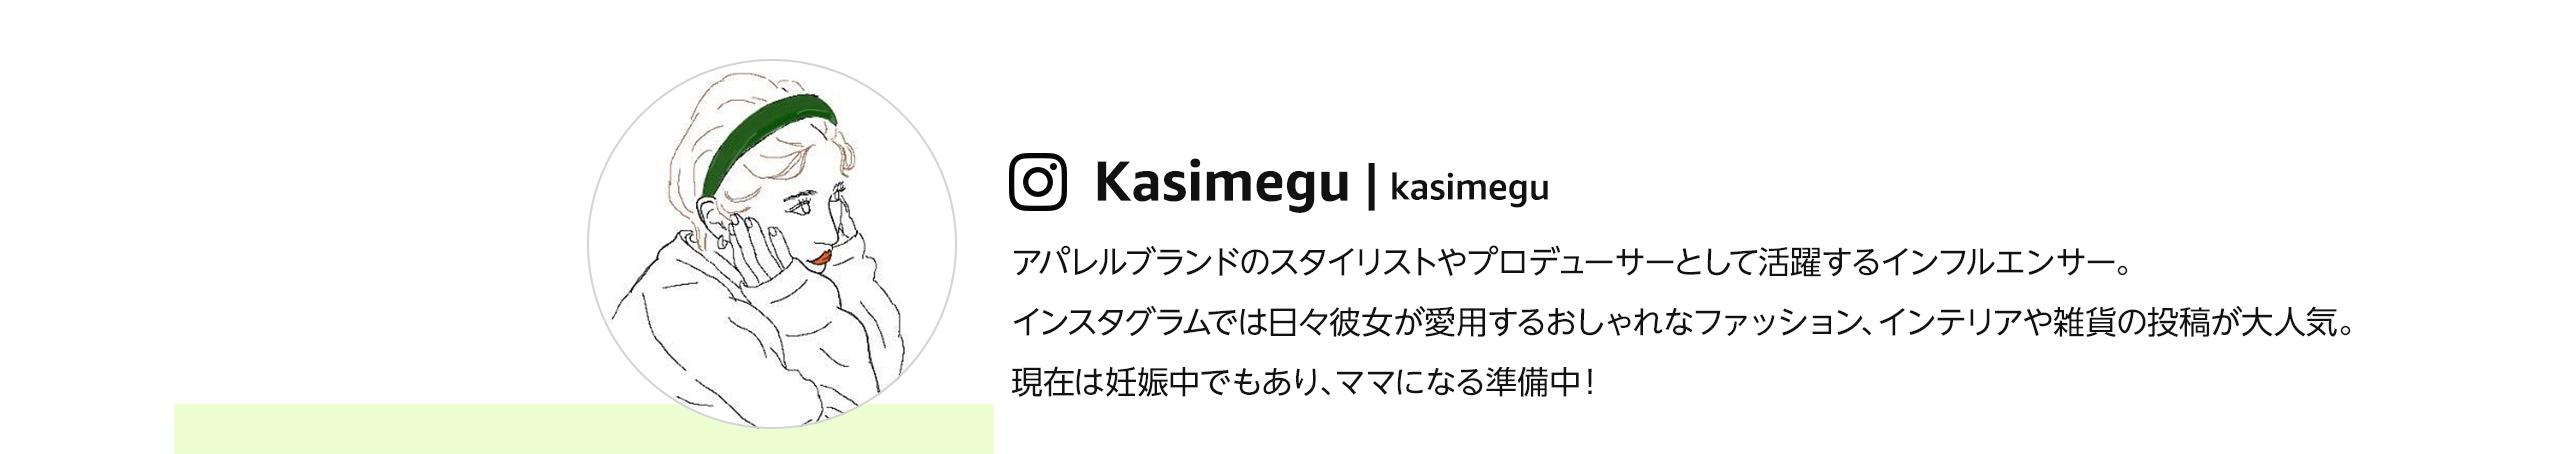 Kasimegu